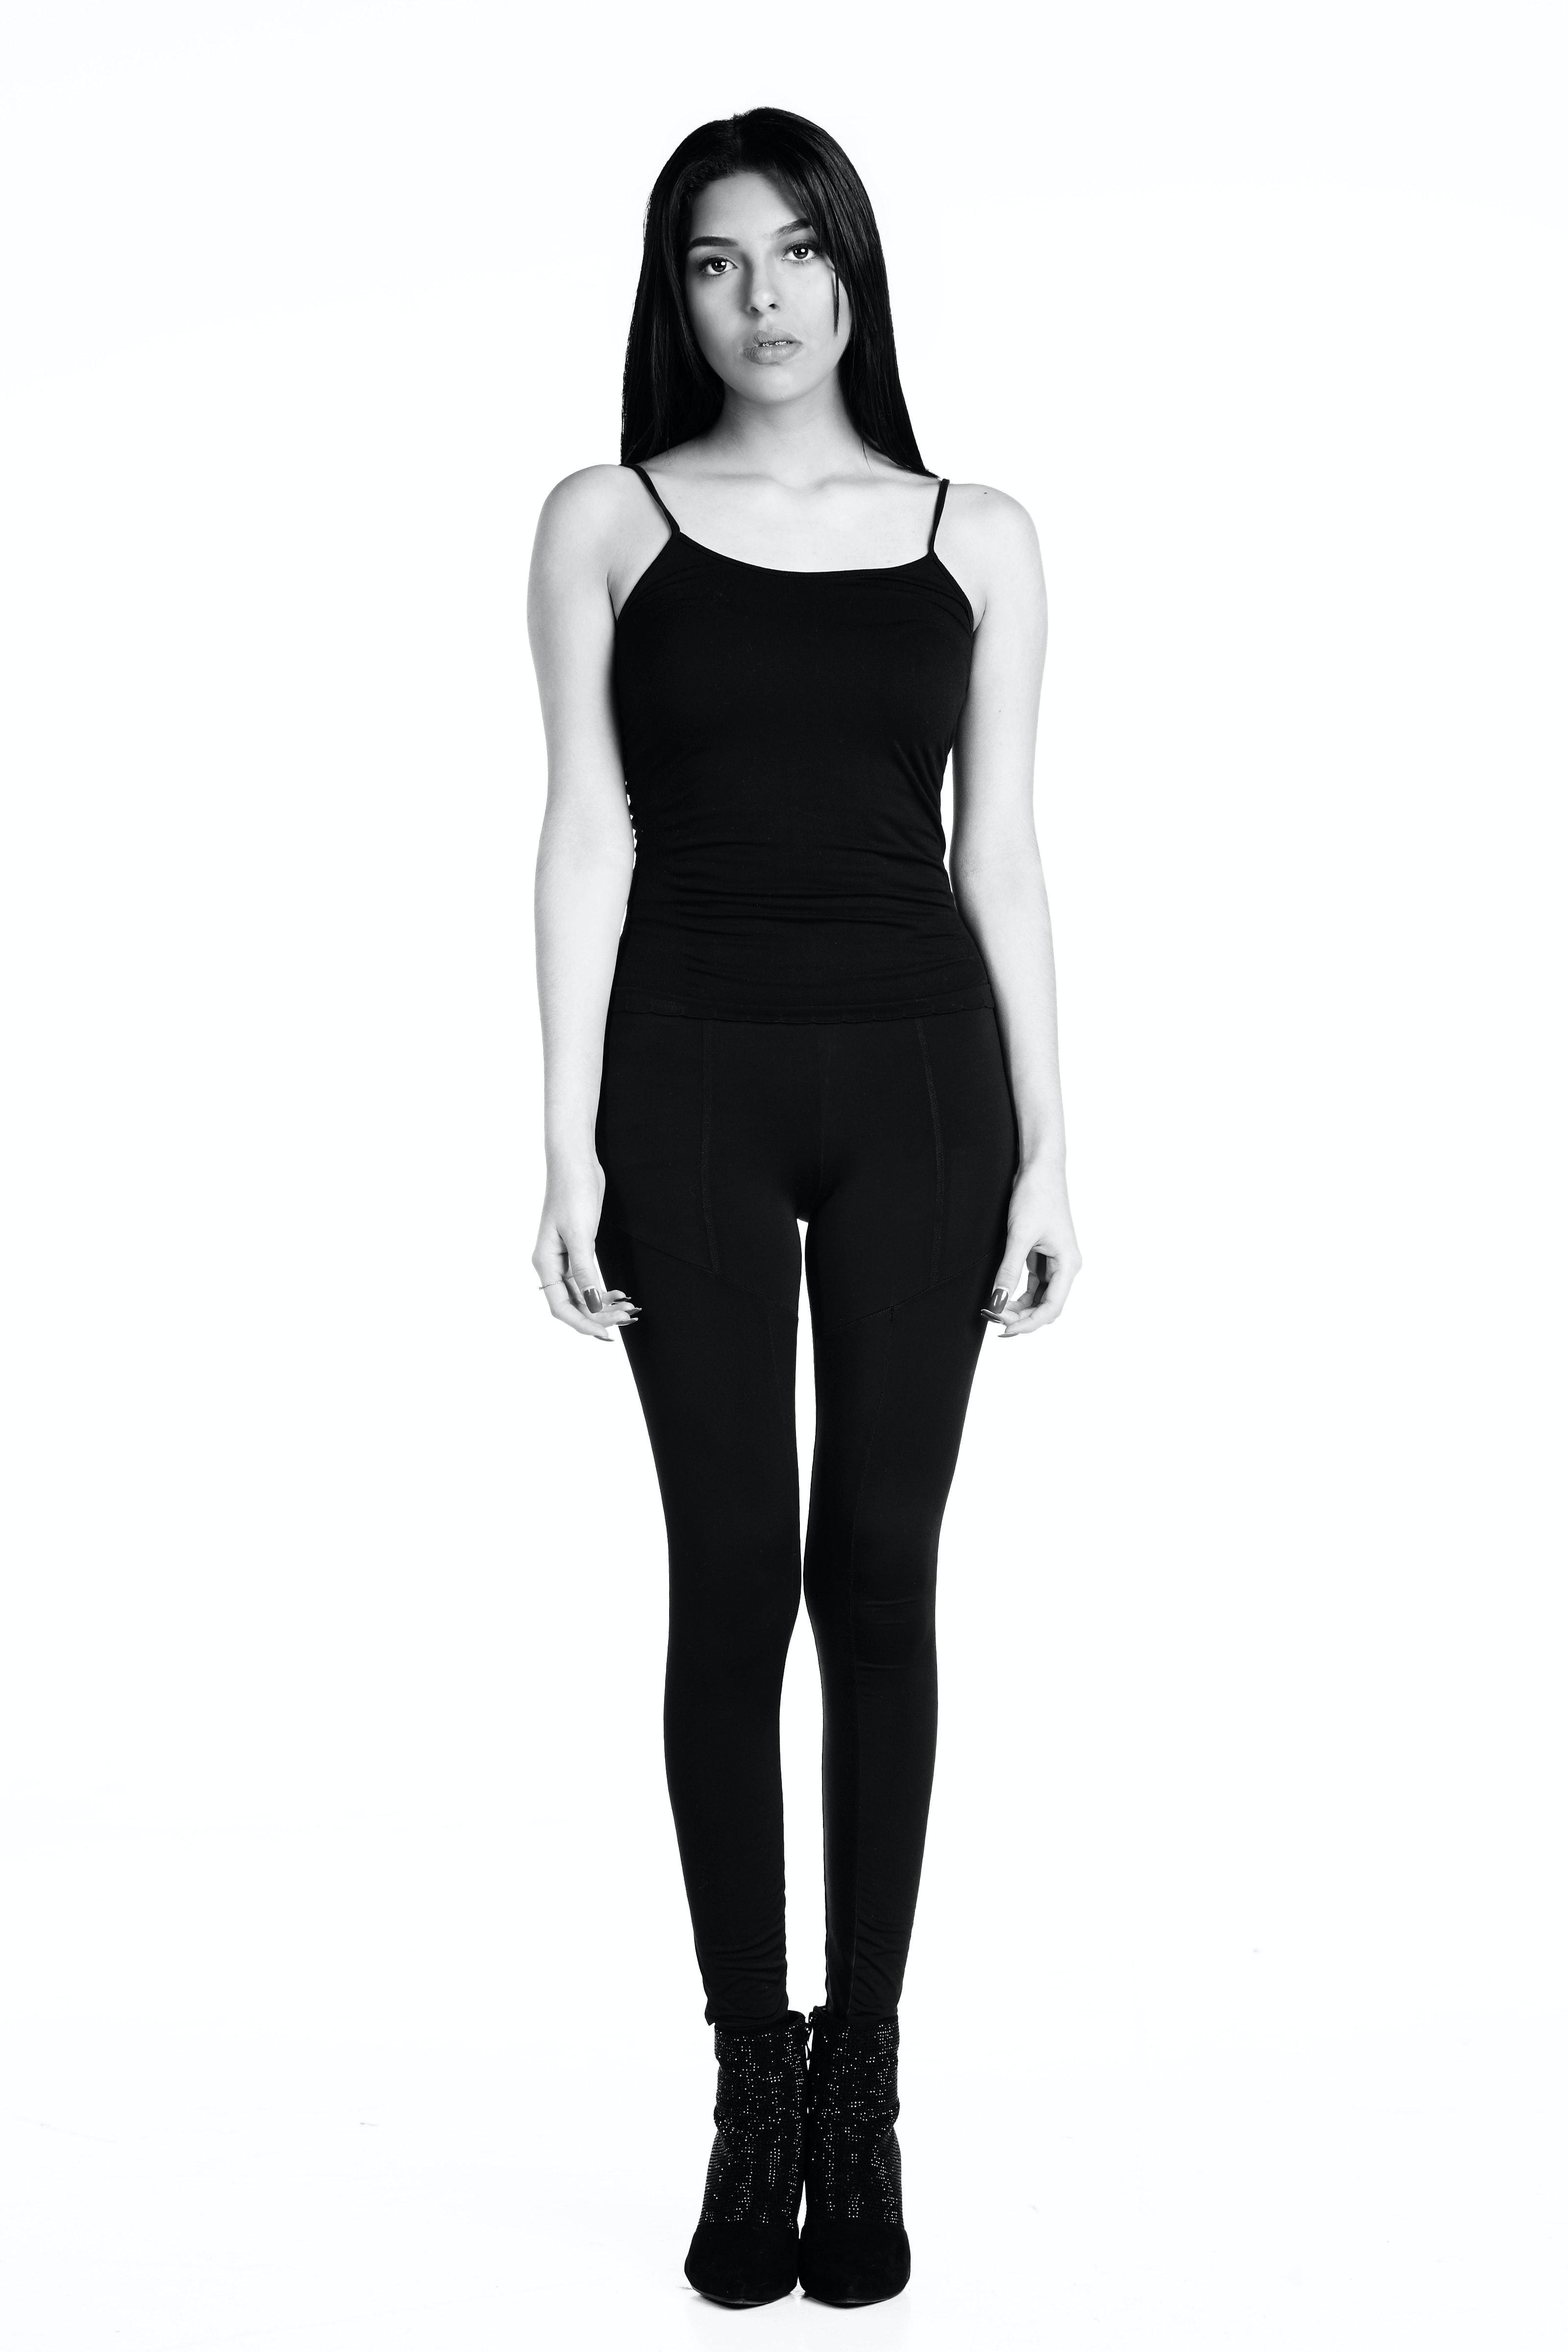 Nicole Salas's Model portfolio